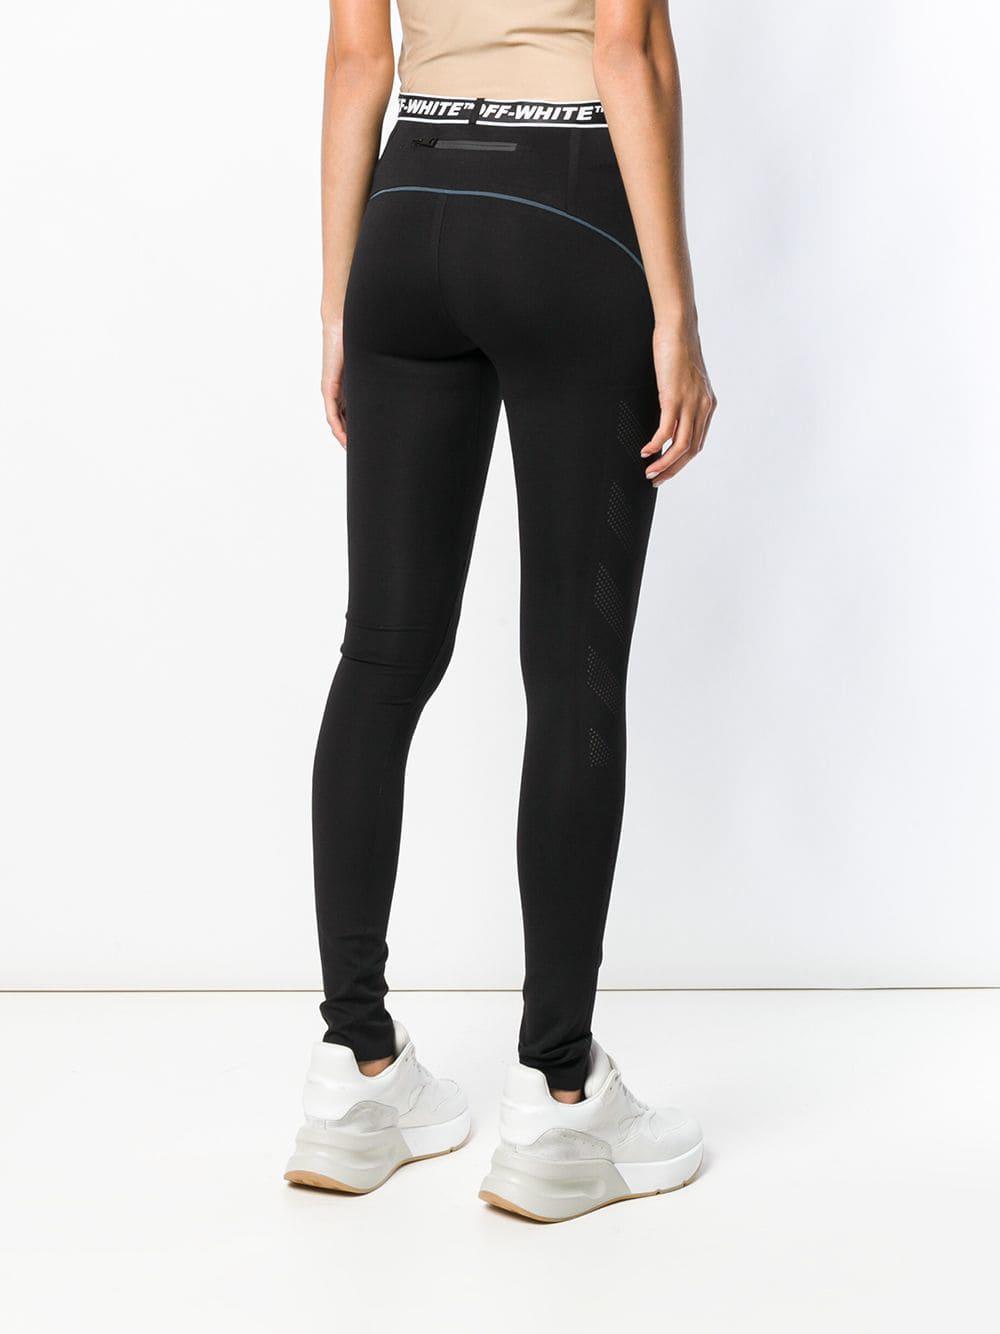 ba5099de33e5c0 Off-White c/o Virgil Abloh Logo Waistband leggings in Black - Save ...